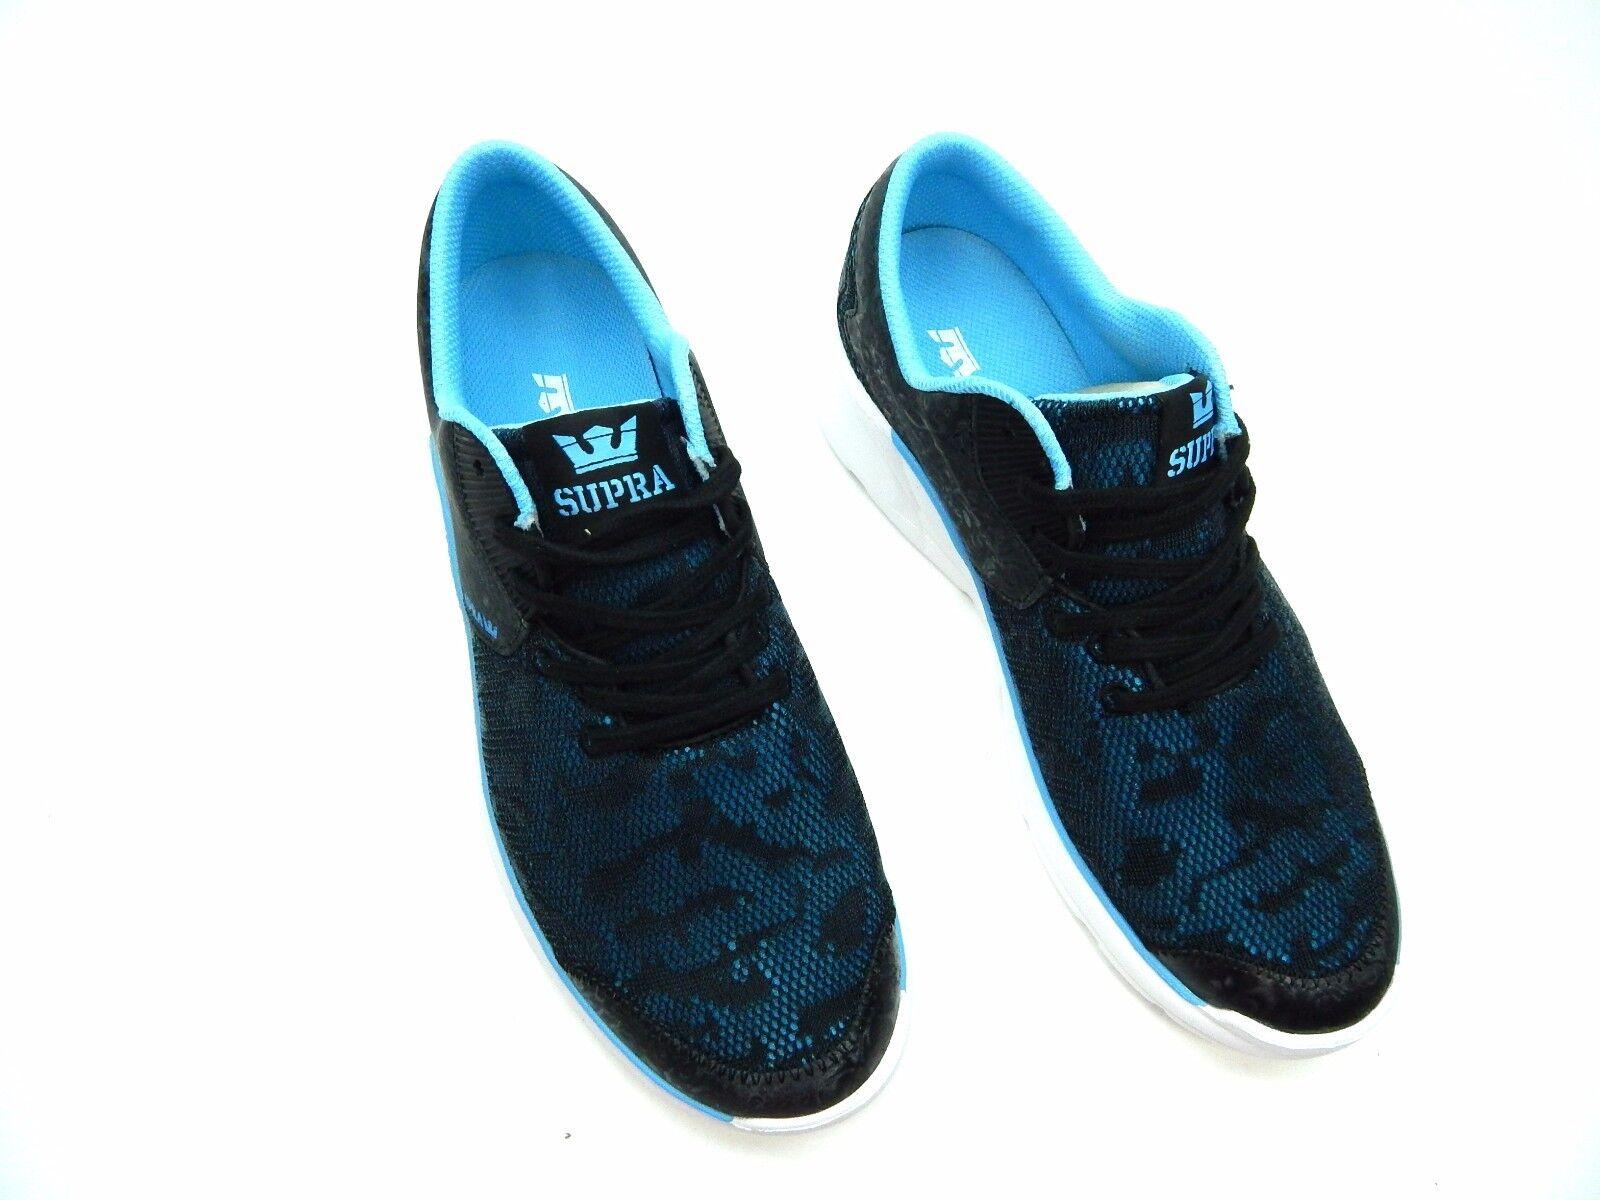 SUPRA NOIZ SLICK BLACK OIL SLICK NOIZ 98026-069-M WOMEN Schuhe 7 TO 10 c39722